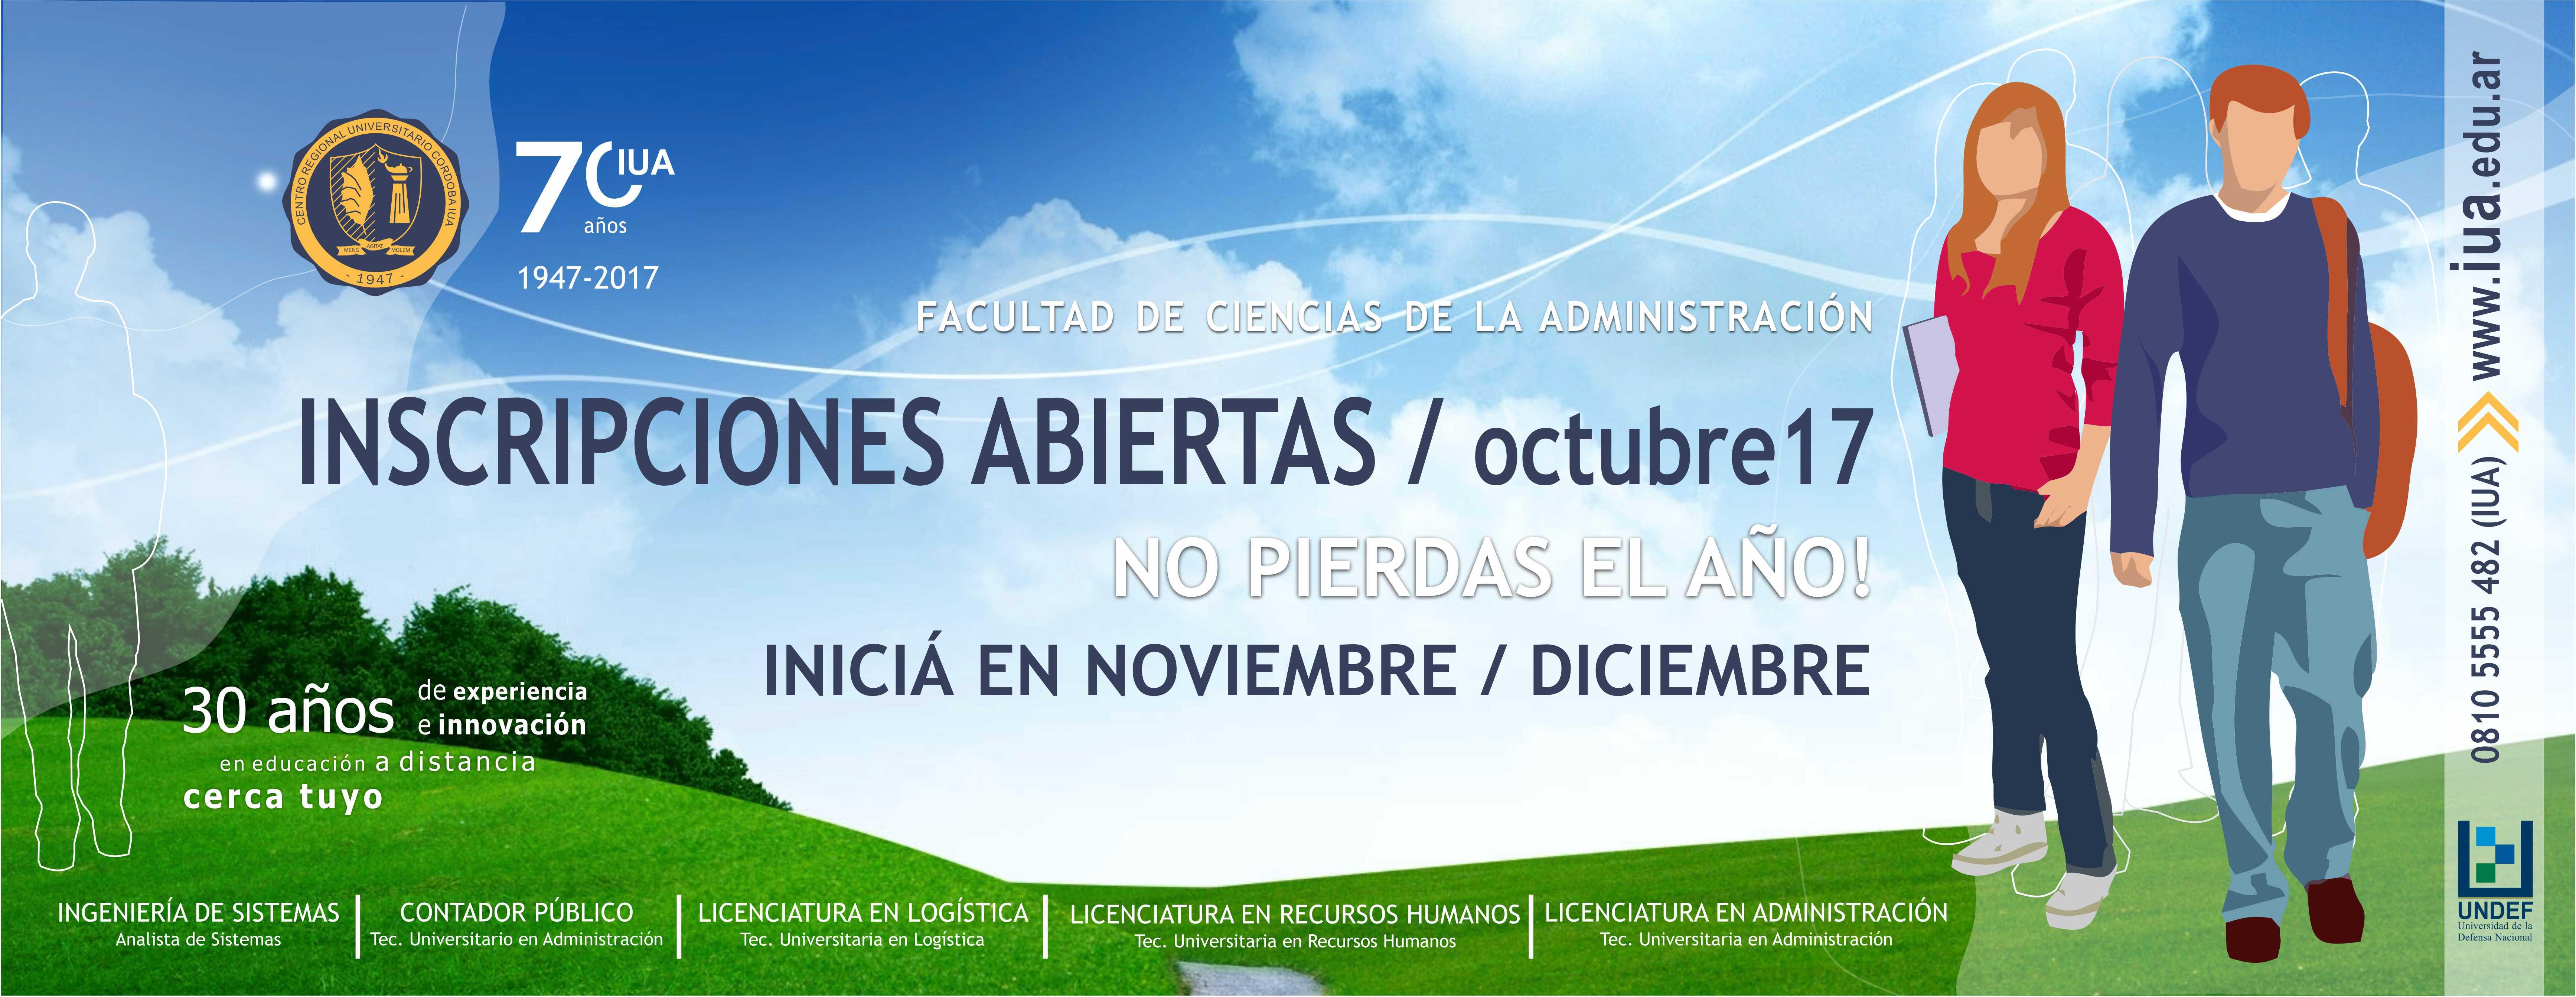 Inscripciones Octubre 2017 - Facultad de Ciencias de la Administración